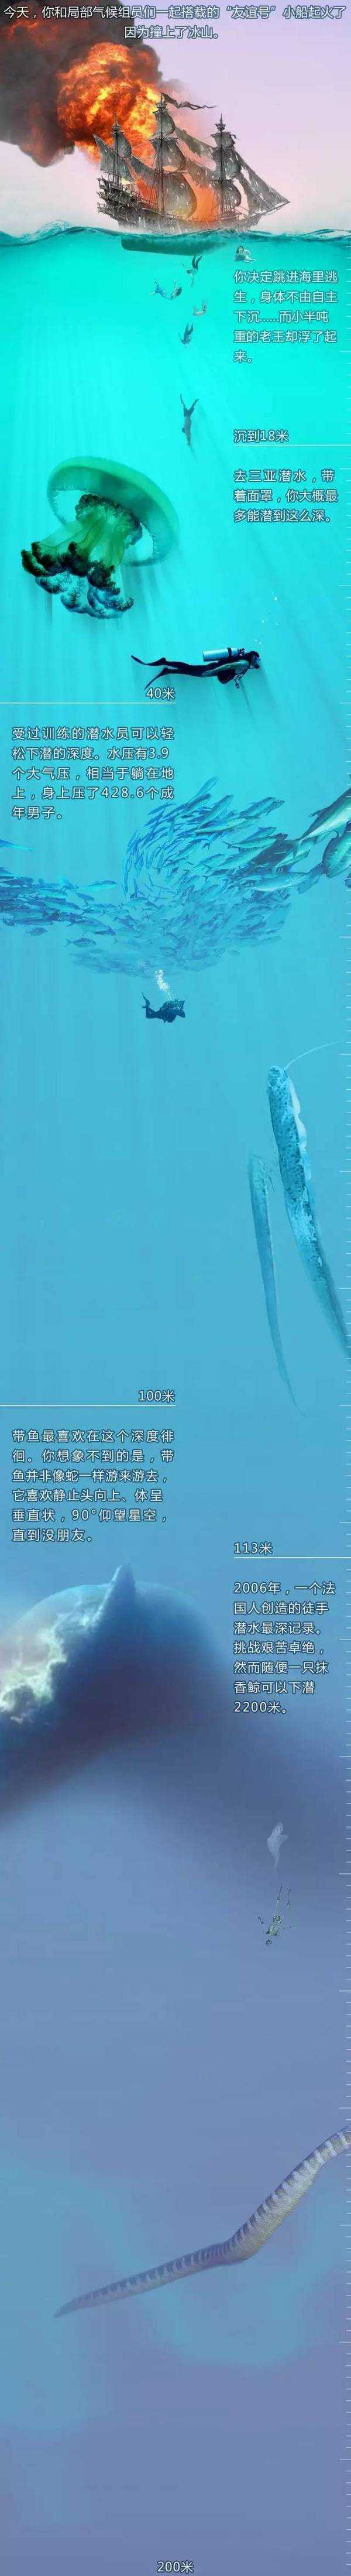 海底一万米有多恐怖 下潜至海底万米——恐怖到窒息